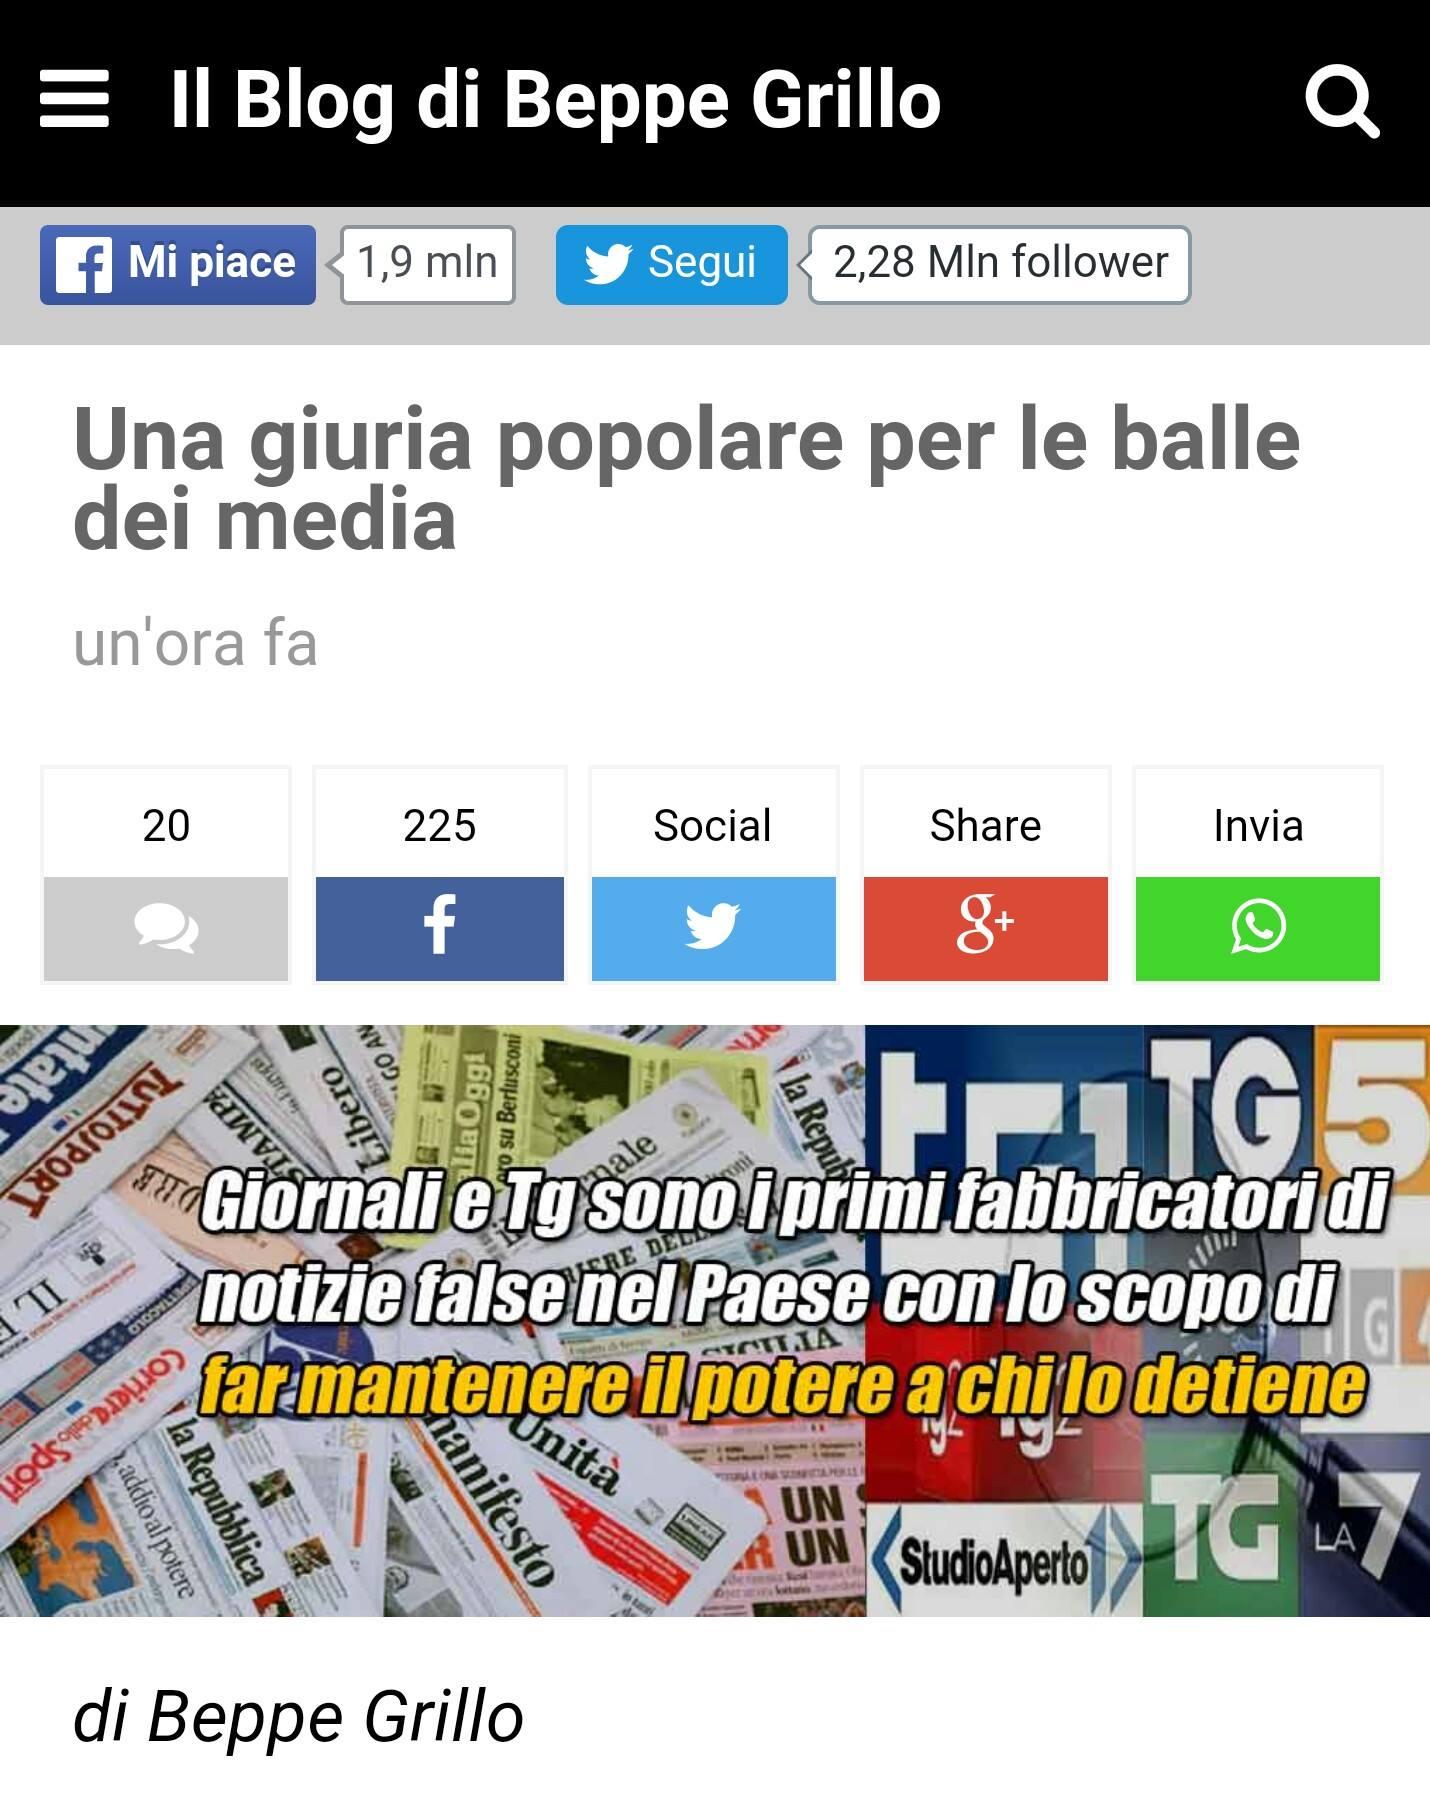 Movimento Cinque Stelle approva la svolta garantista di Grillo